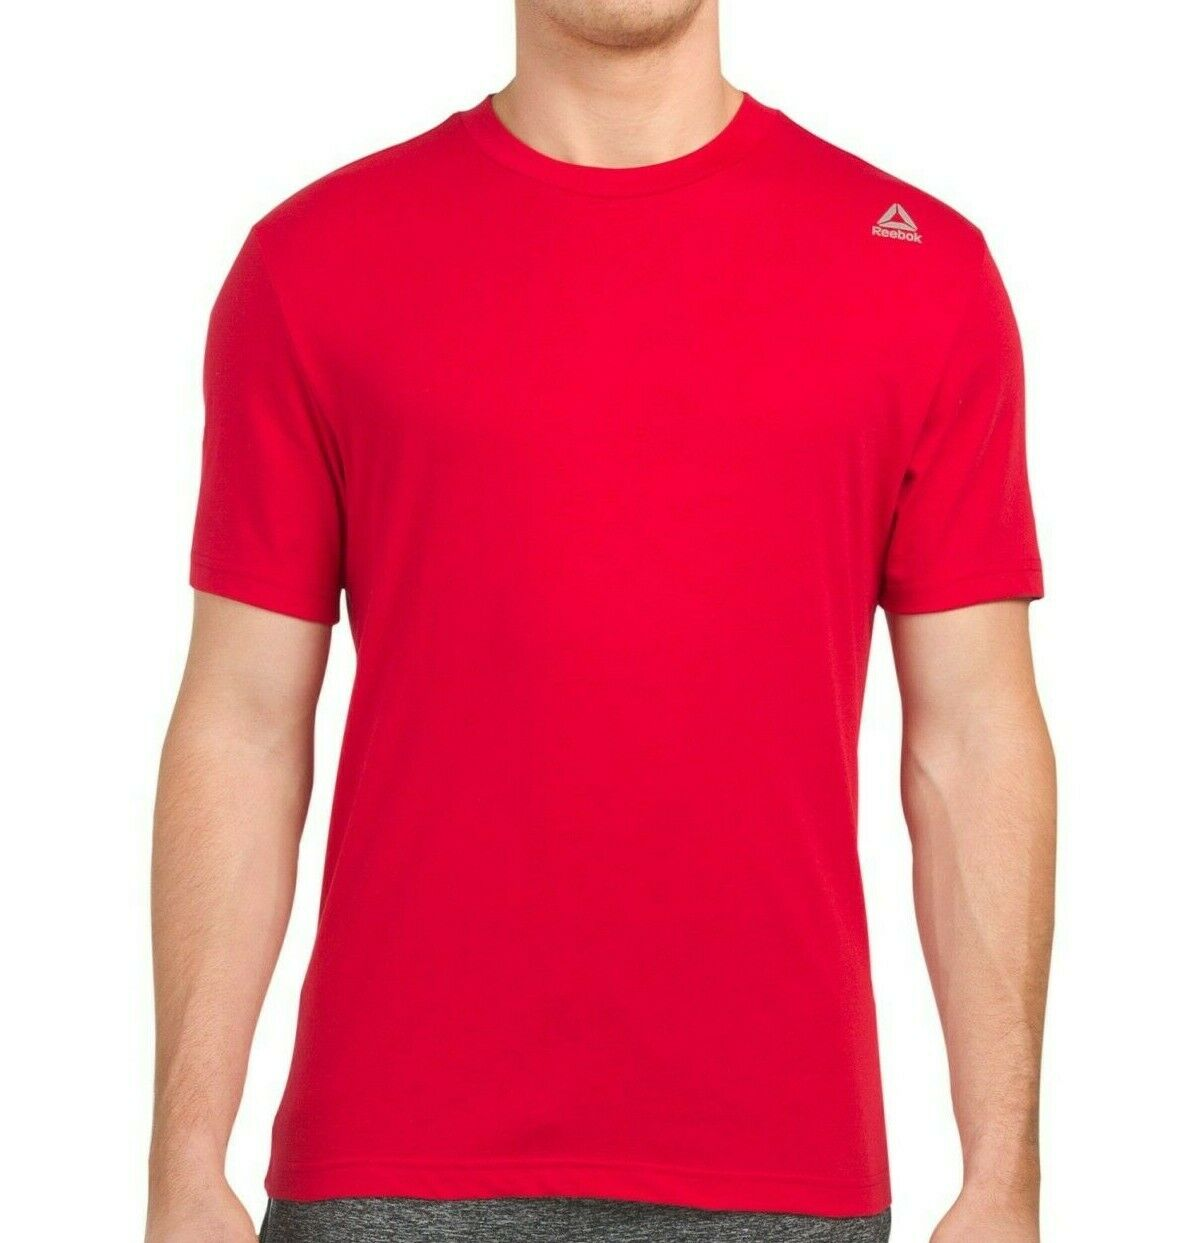 Details about  /Reebok Jolt Crew Neck Short Sleeve Gym Sport Top Tee Shirt T-Shirt Racing Red